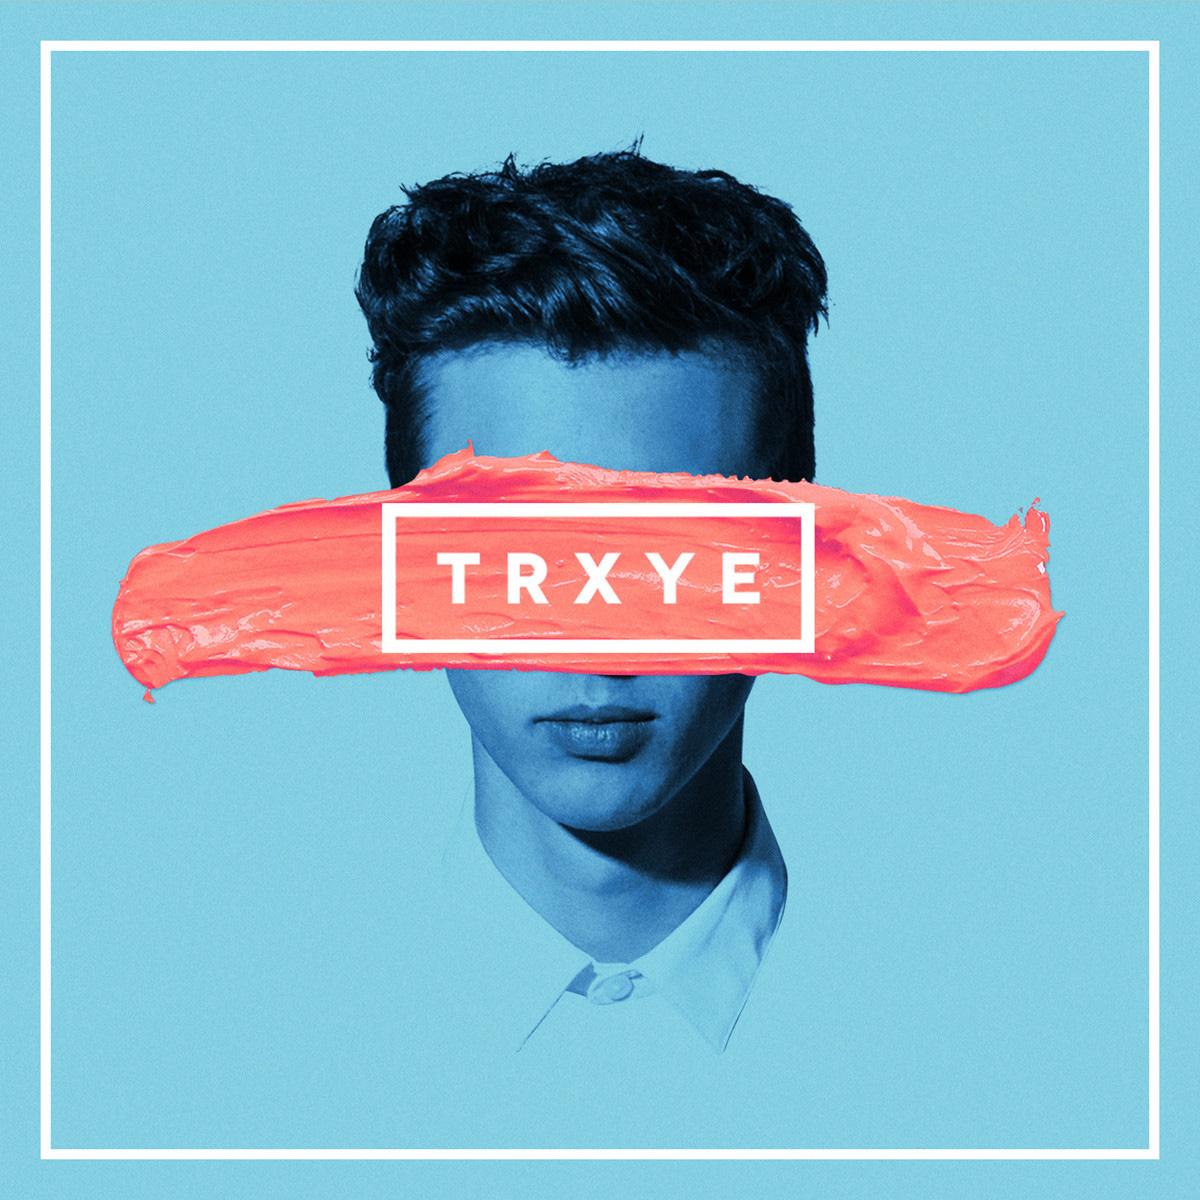 Troye-Sivan-TRXYE-2014